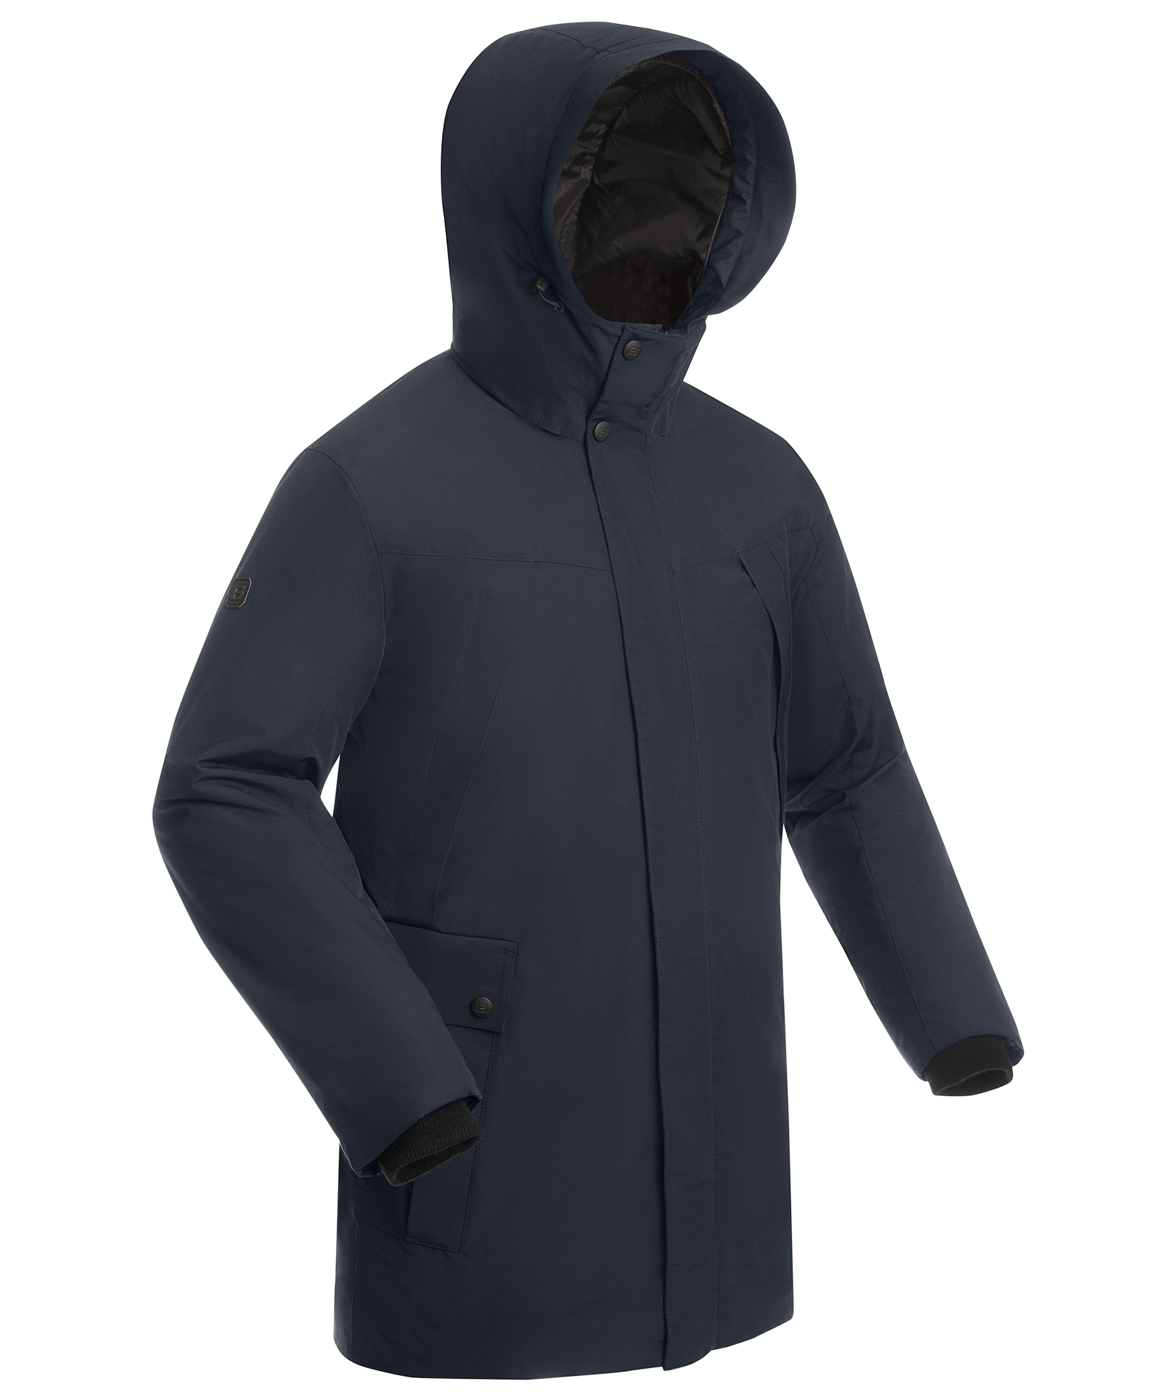 Купить Пальто утепленное мужское BASK MARS синий тмн, Компания БАСК